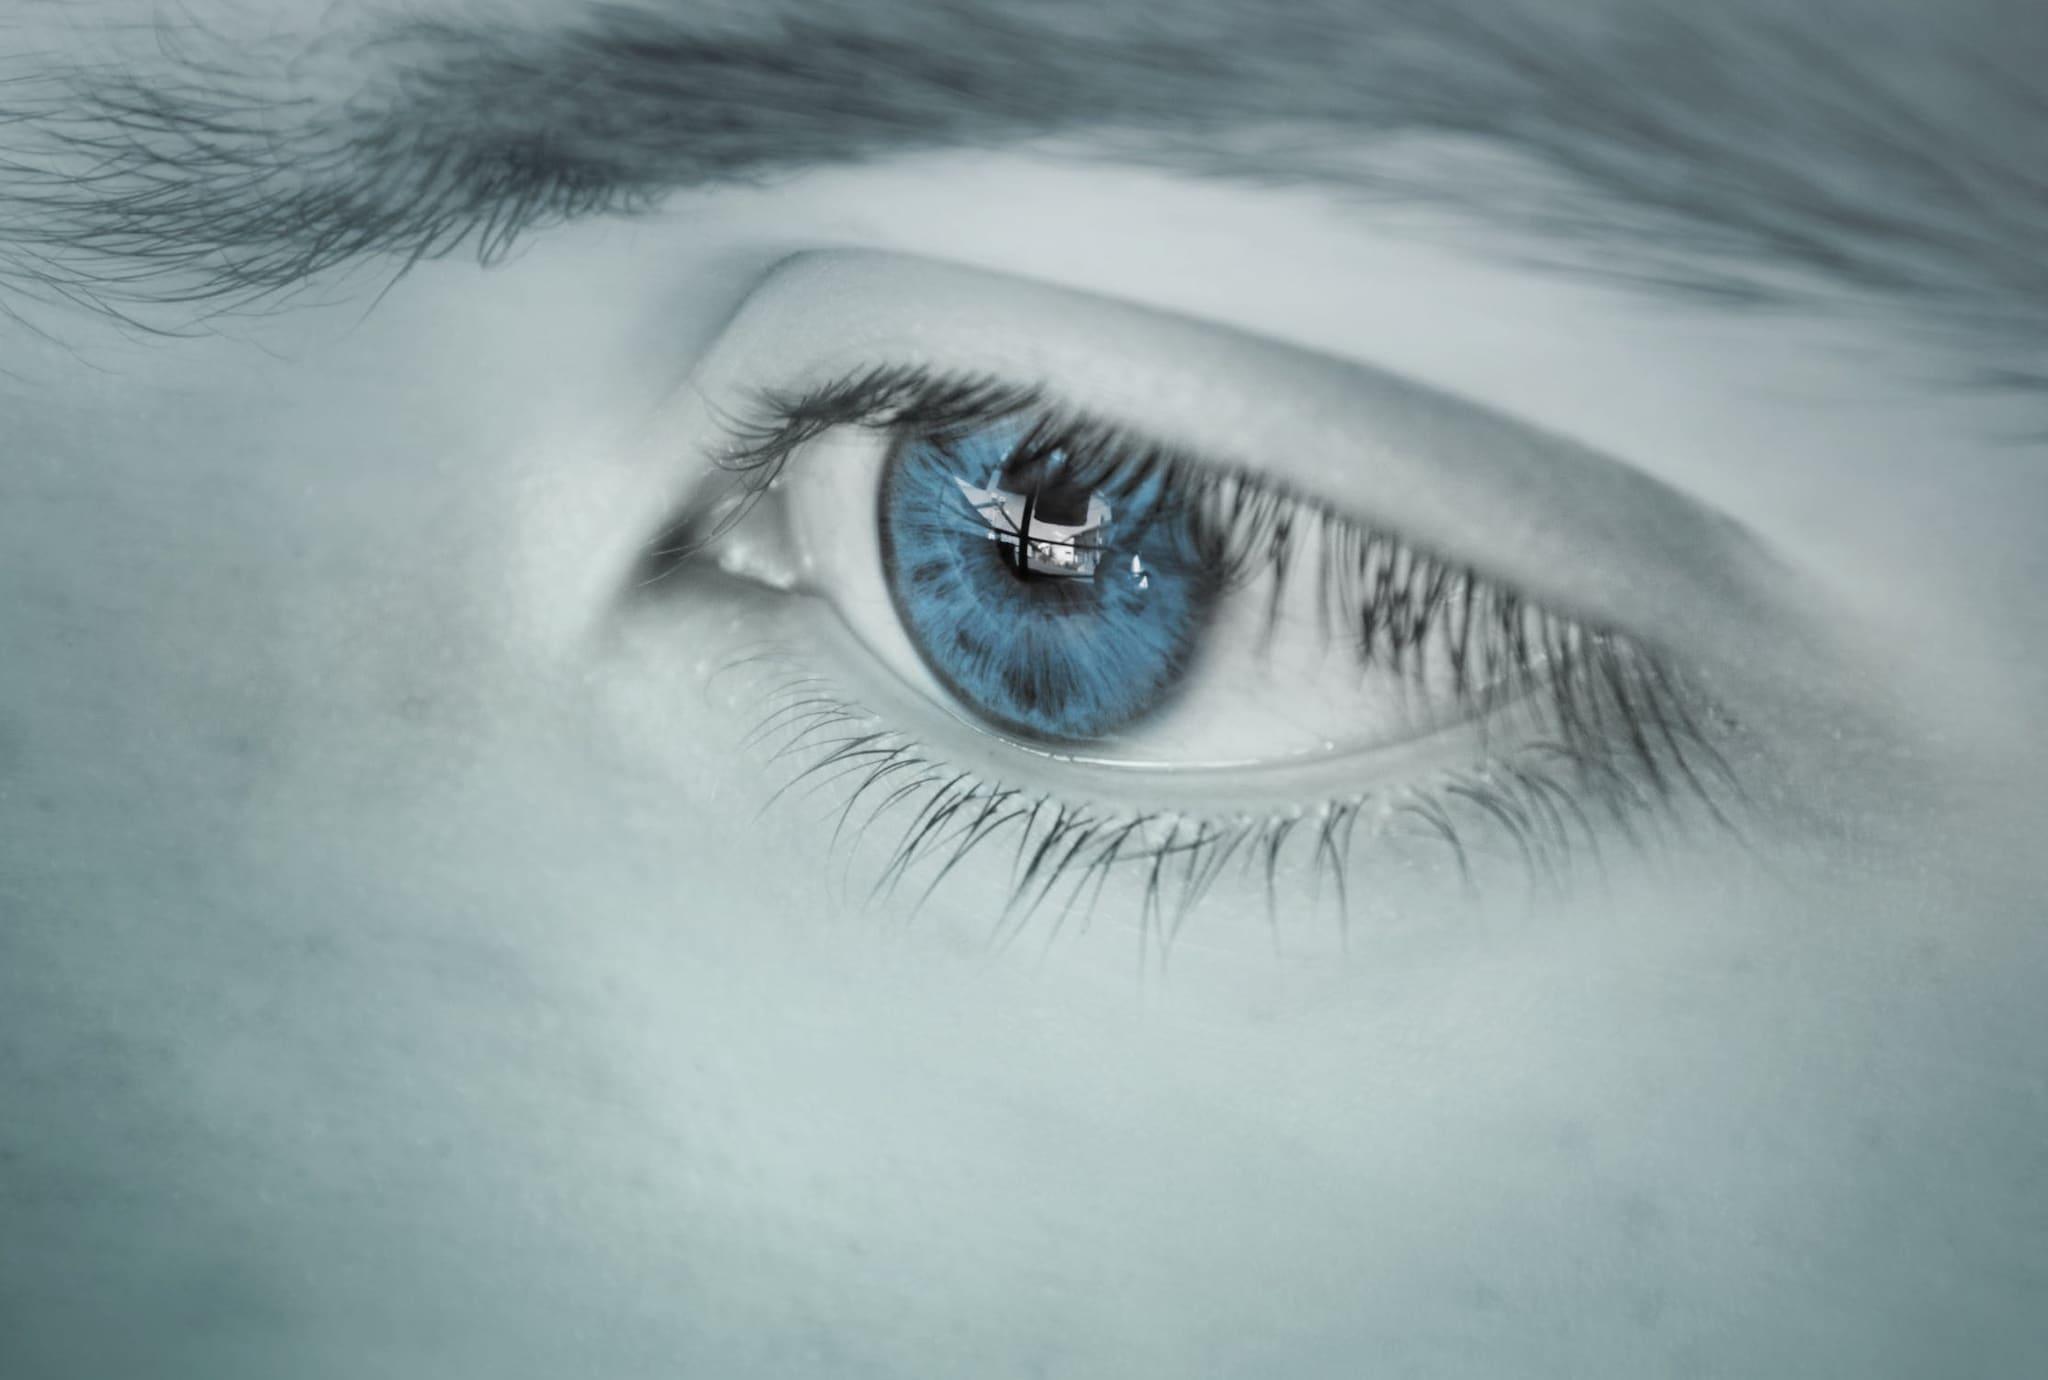 संशोधनात हे सिद्ध झालं आहे की, अनेकदा कॉन्टॅक्ट लेन्स लावून झोपलेल्या व्यक्तीच्या डोळ्यात इतकं गंभीर इन्फेक्शन होतं की त्यांना ट्रान्सप्लँटचं ऑपरेशन करावं लागतं.